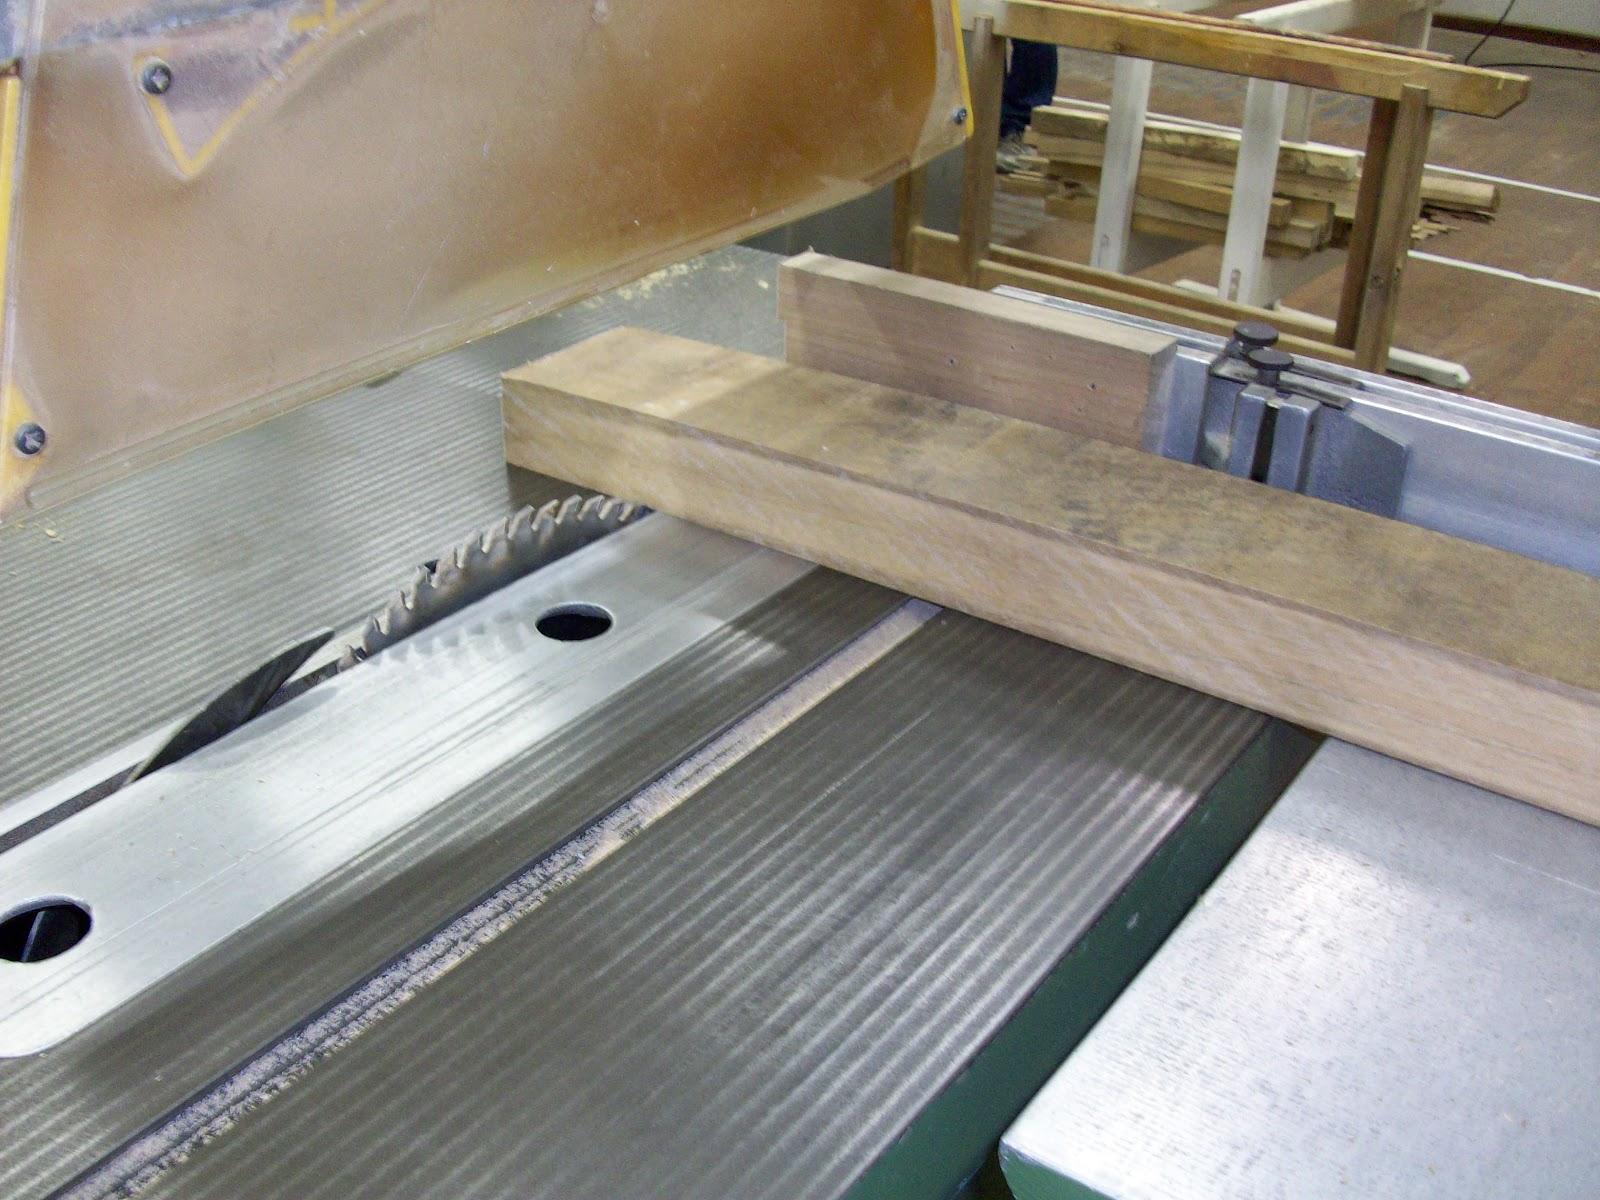 Técnicas de marcenaria: Projetos de móveis Banqueta de madeira #674E2C 1600x1200